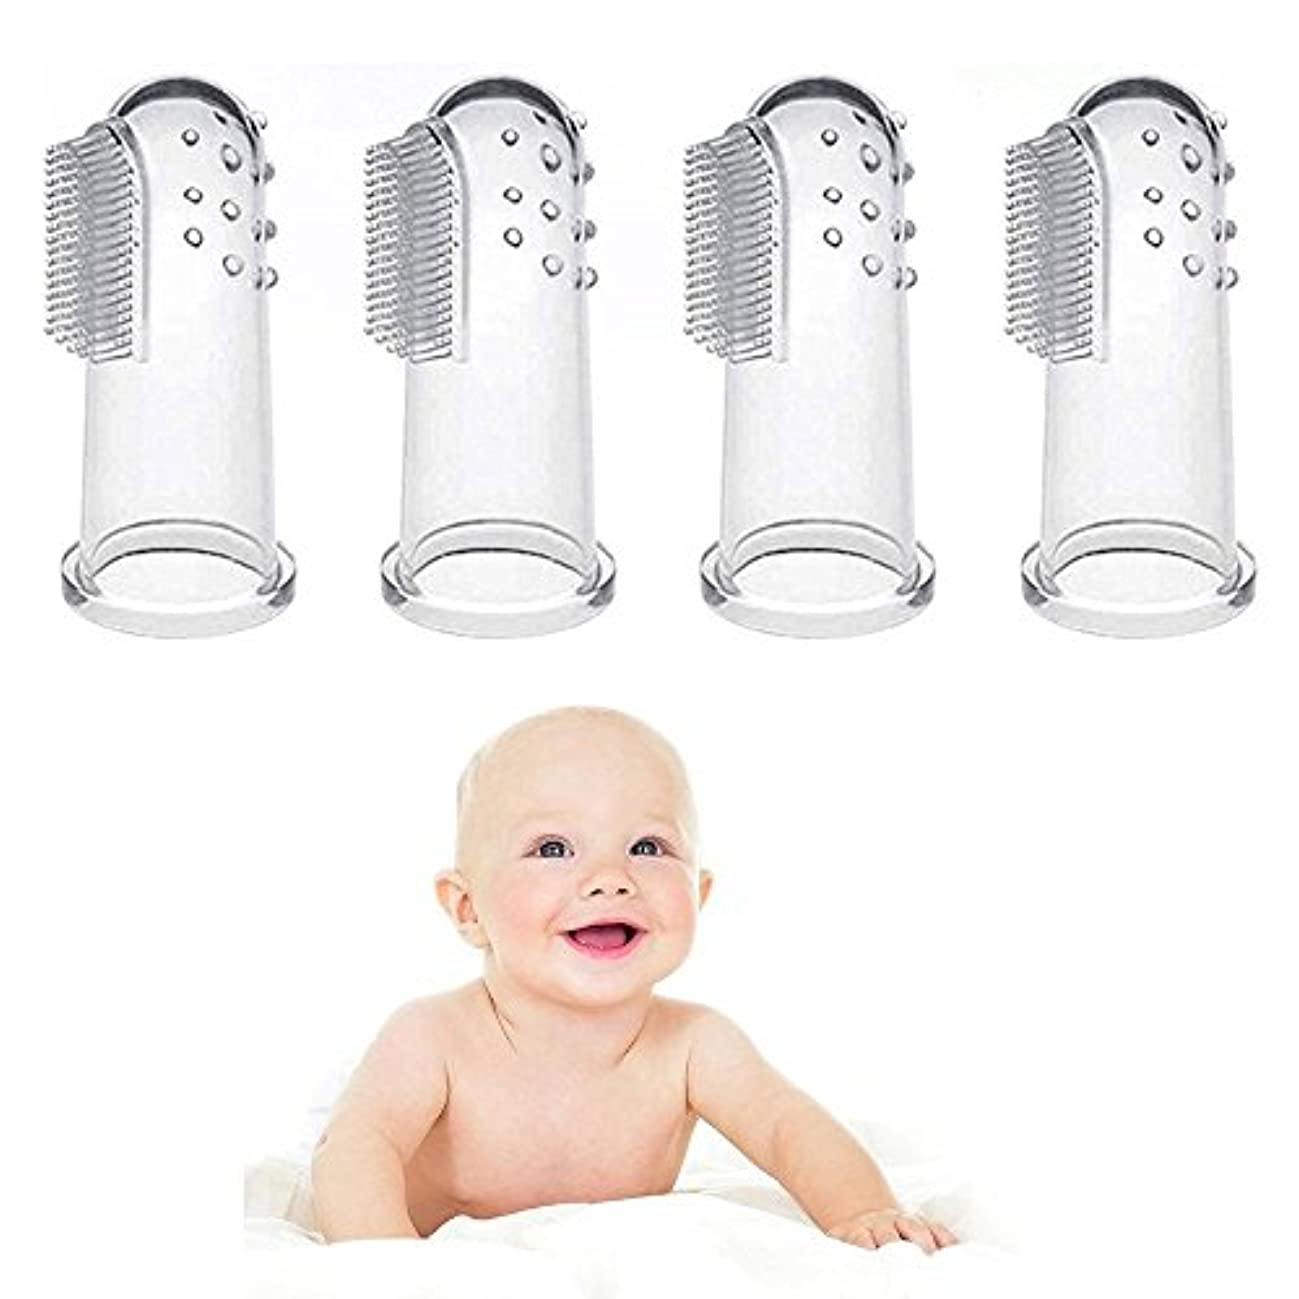 続ける家畜寸前4 個入赤ちゃん指歯ブラシ、赤ちゃん食品グレード シリコーン歯ブラシ歯がため用指歯ブラシと赤ちゃん幼児子供の口腔マッサージ